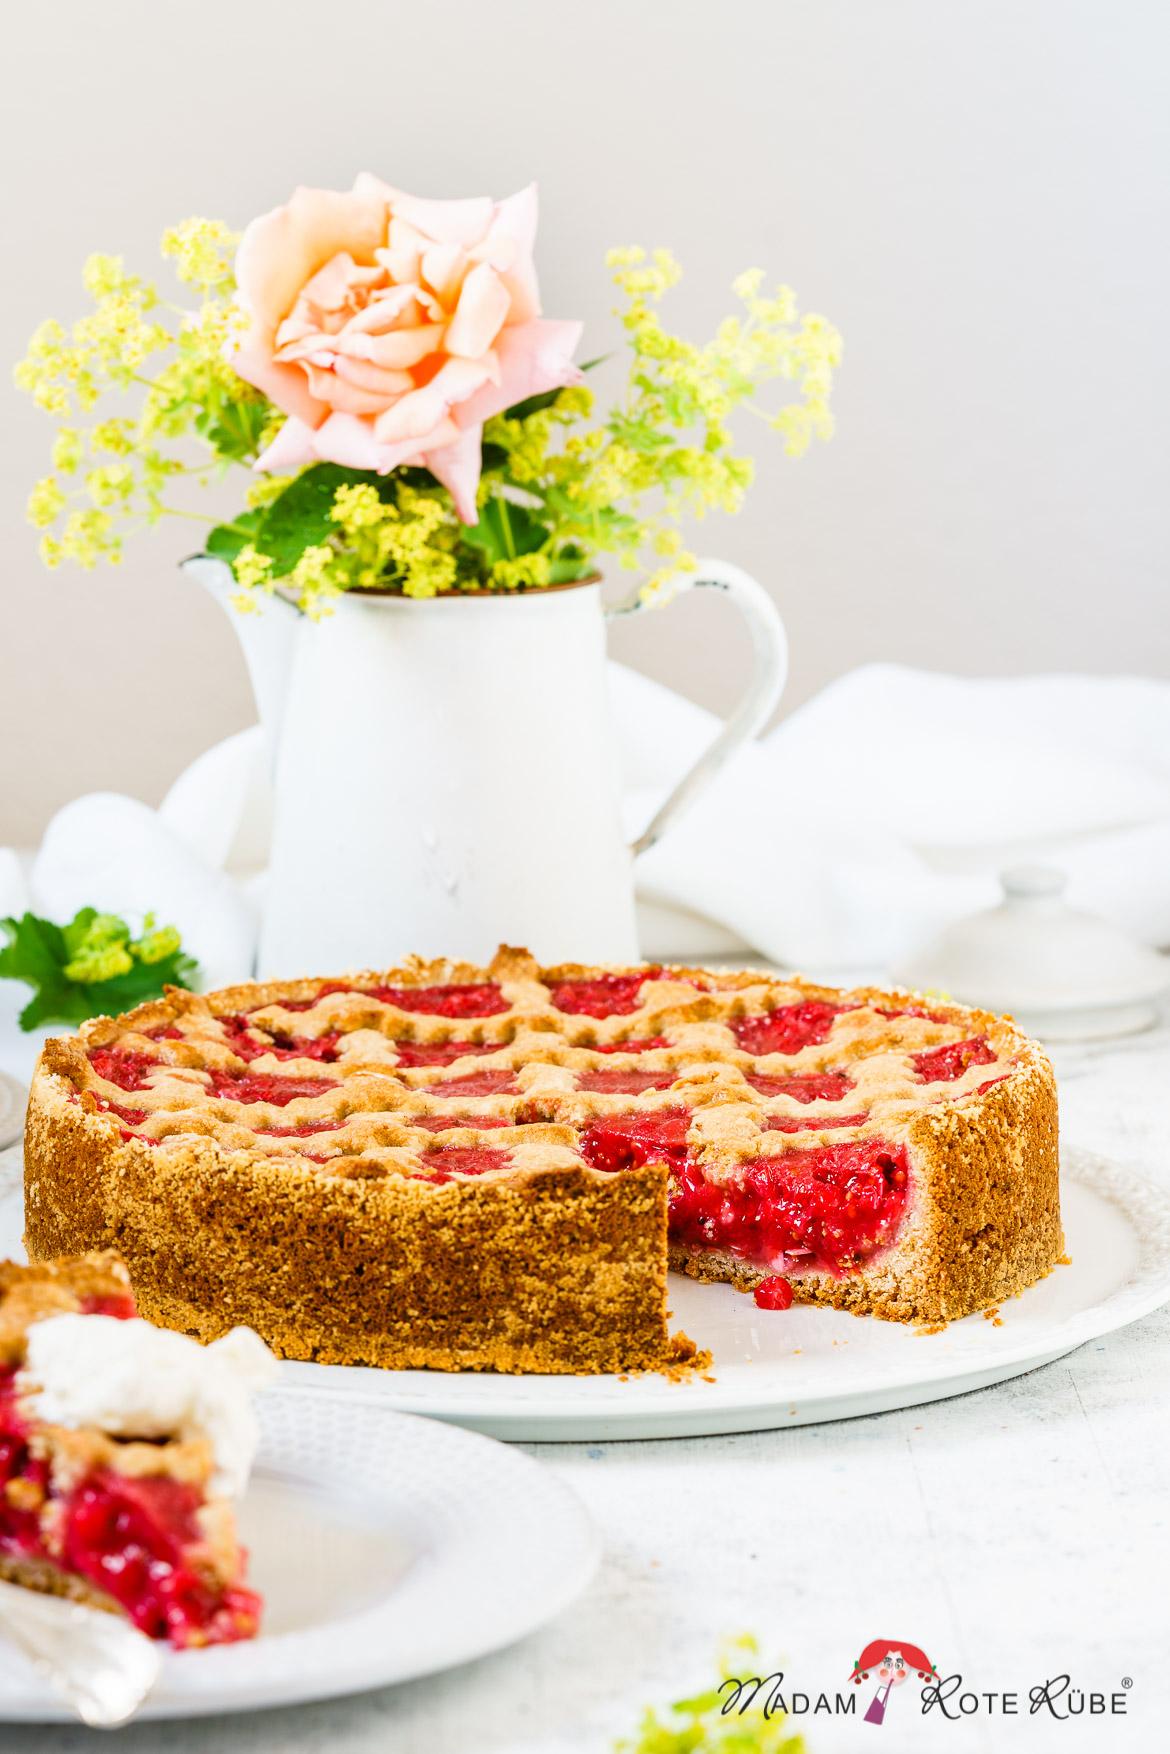 Linzer Johannisbeer-Vollkornkuchen - Madam Rote Rübe